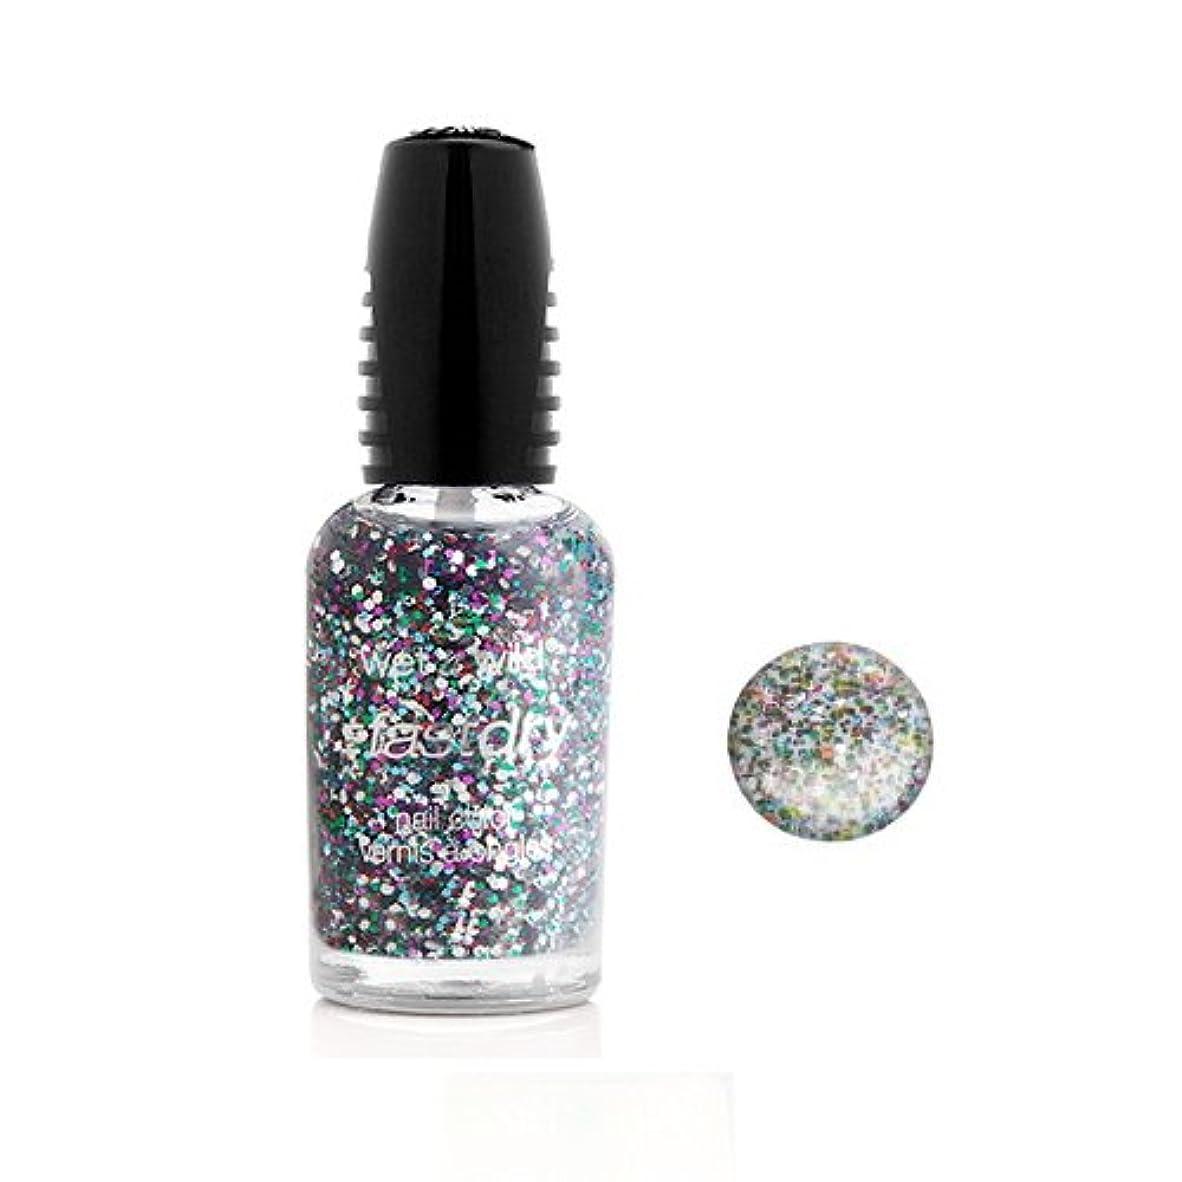 オン執着排除する(3 Pack) WET N WILD Fastdry Nail Color - Party of Five Glitters (DC) (並行輸入品)